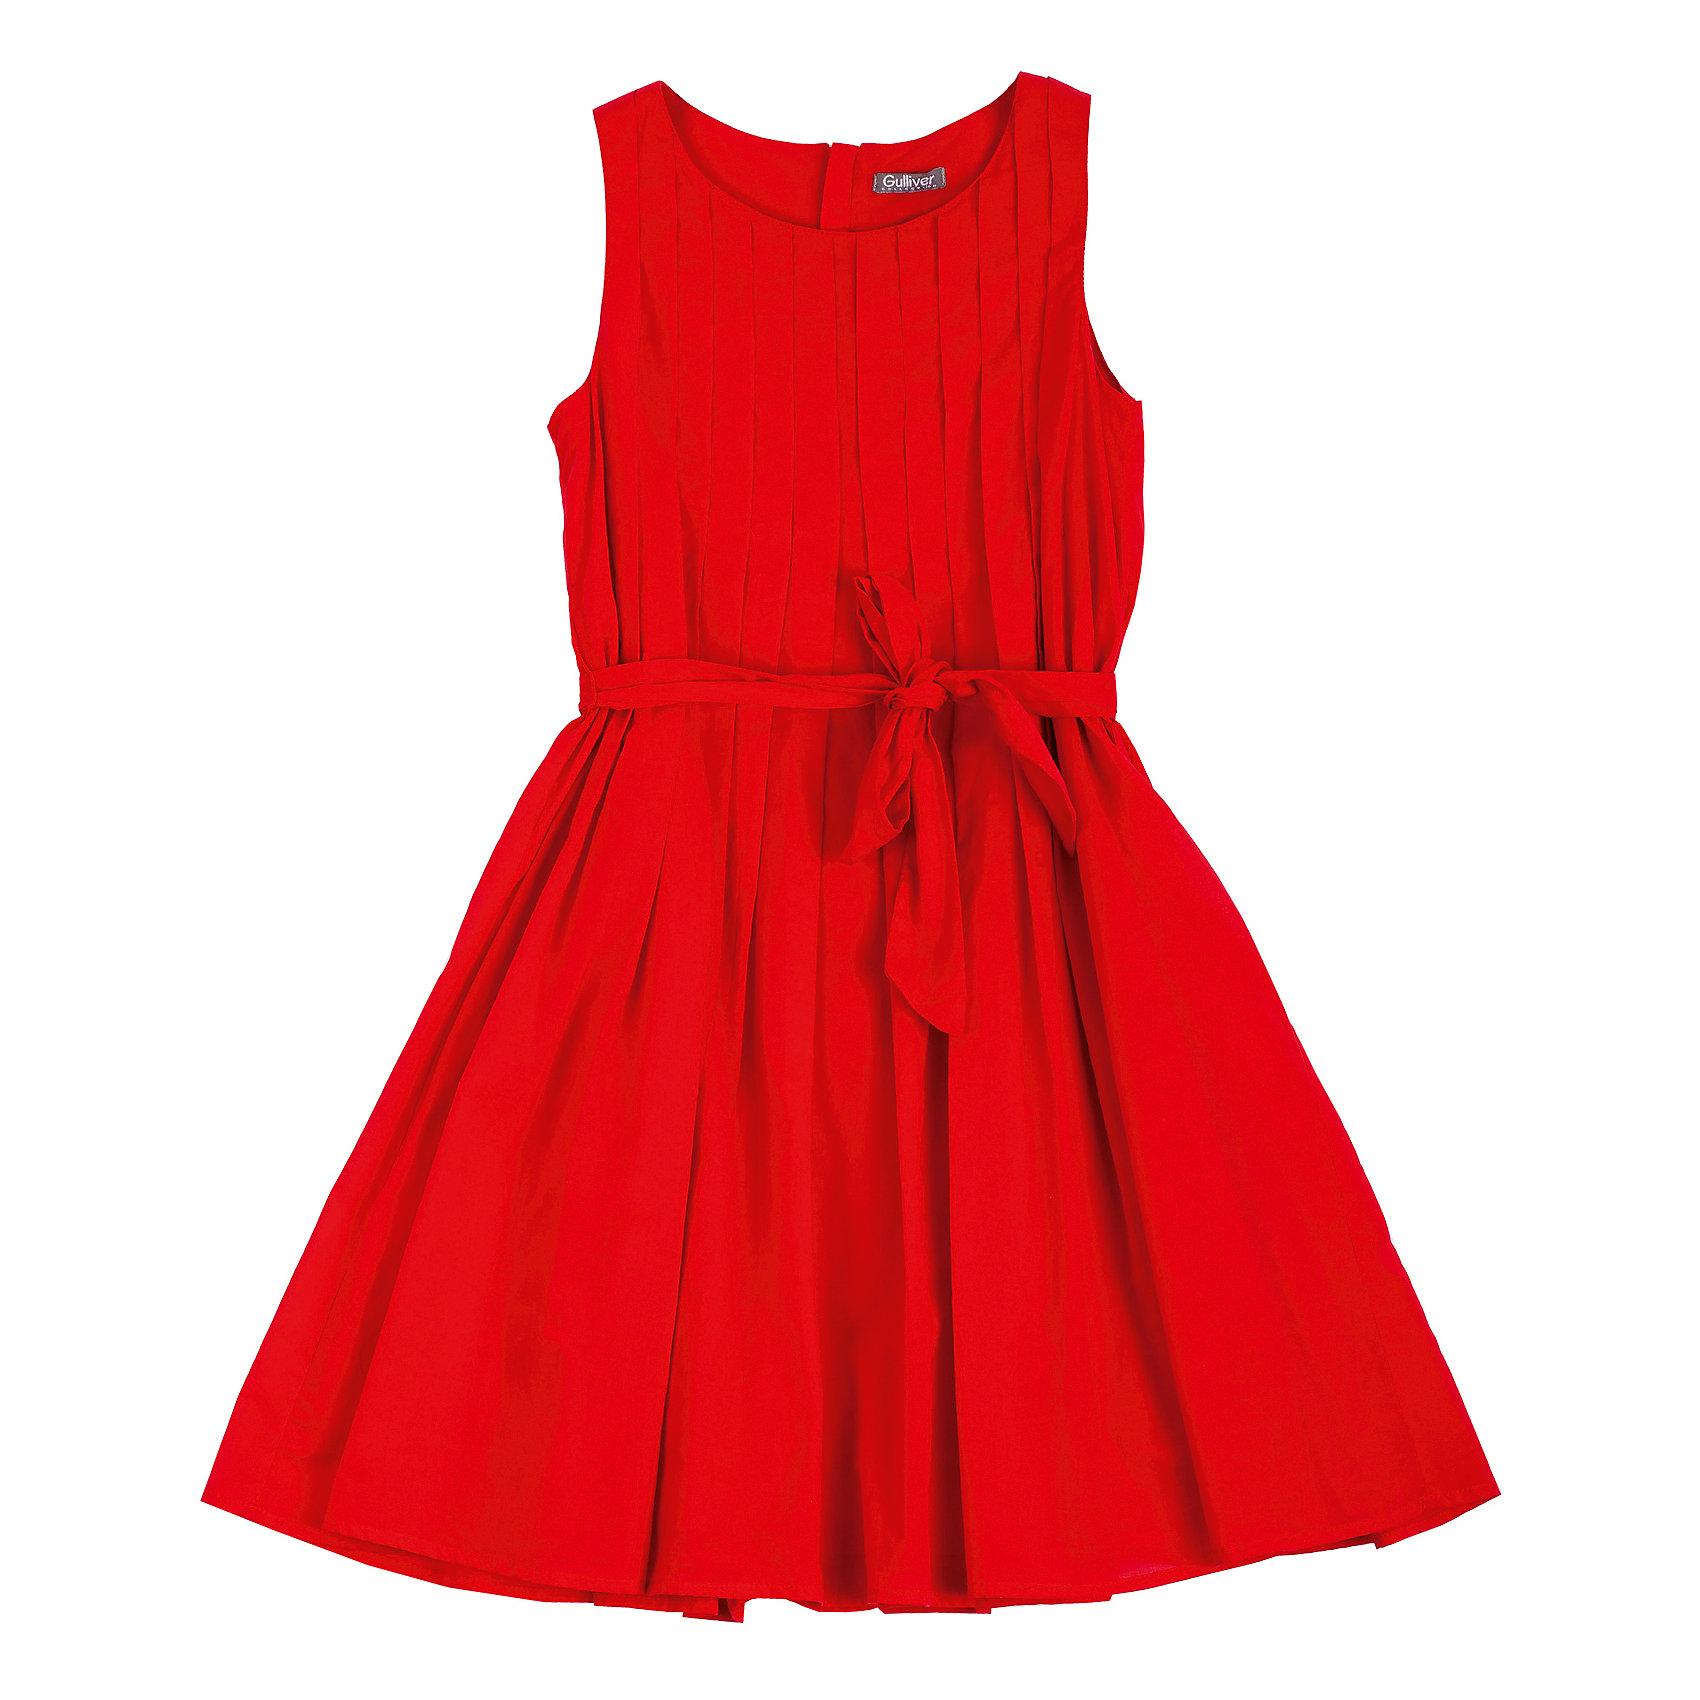 Платье для девочки GulliverОх уж эти модницы…Их летний гардероб пестрит нарядами, но разве можно пройти мимо нового платья? Красное платье без рукавов для девочки из легкого хлопка на подкладке выглядит ярко и необычно. В такой модели, как говорят и в пир, и в мир. Дополнив красное платье выразительными аксессуарами, можно создать элегантный нарядный образ, а также прекрасно чувствовать себя в нем на прогулке во дворе или в парке.<br>Состав:<br>верх:               100% хлопок; подкладка:            100% хлопок<br><br>Ширина мм: 236<br>Глубина мм: 16<br>Высота мм: 184<br>Вес г: 177<br>Цвет: красный<br>Возраст от месяцев: 108<br>Возраст до месяцев: 120<br>Пол: Женский<br>Возраст: Детский<br>Размер: 140,128,122,134<br>SKU: 4534862